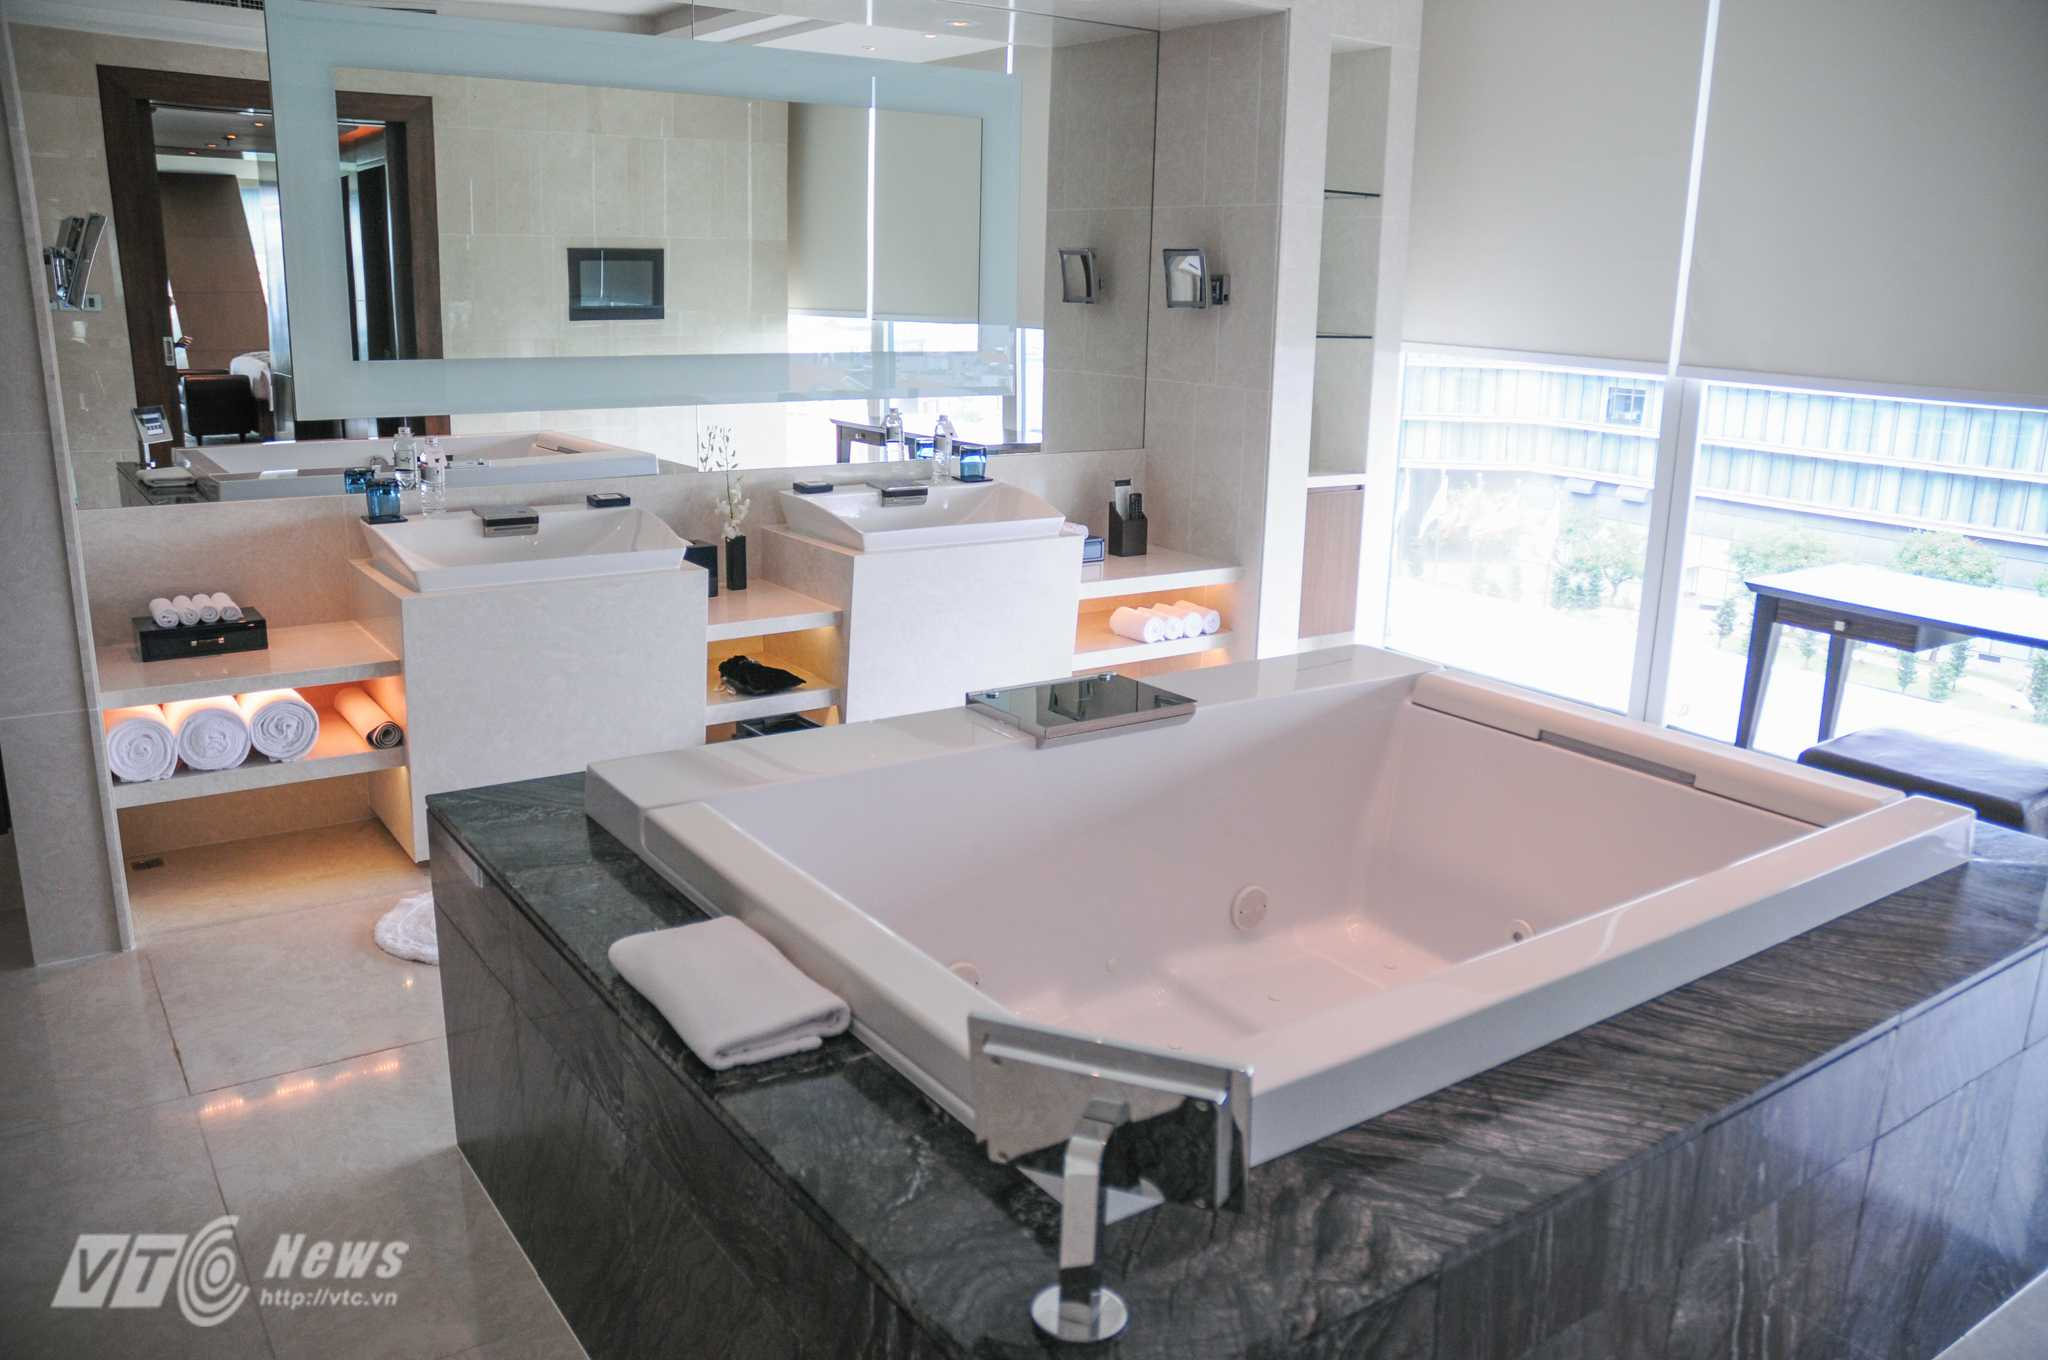 Phòng tắm rộng rãi, sang trọng của căn phòng - Ảnh: Tùng Đinh